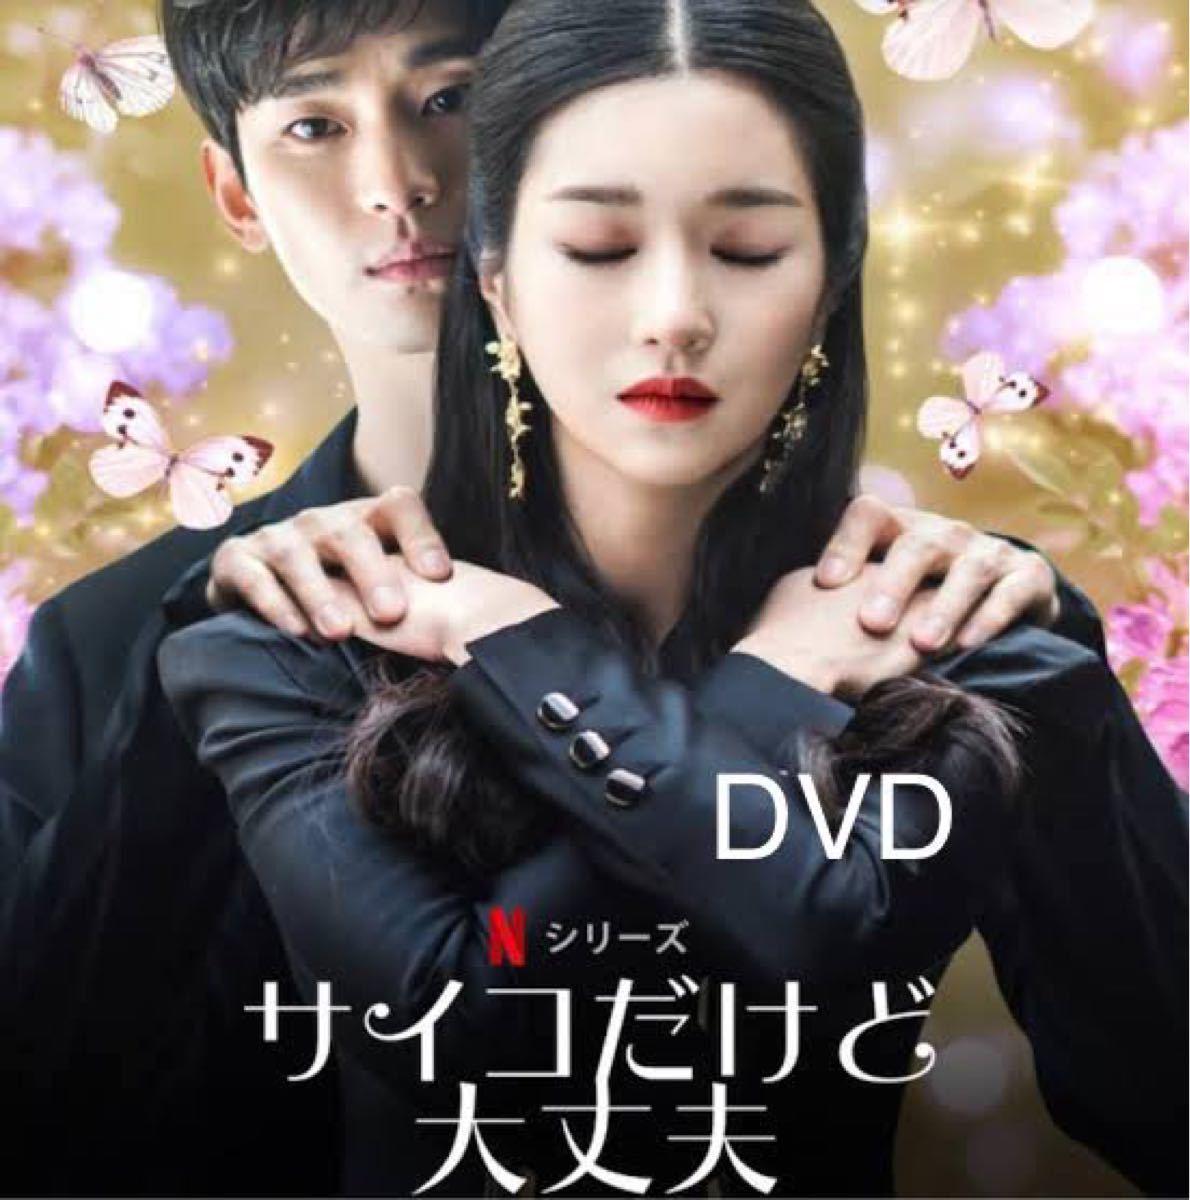 韓国ドラマ サイコだけど大丈夫 DVD『レーベル印刷有り』全話